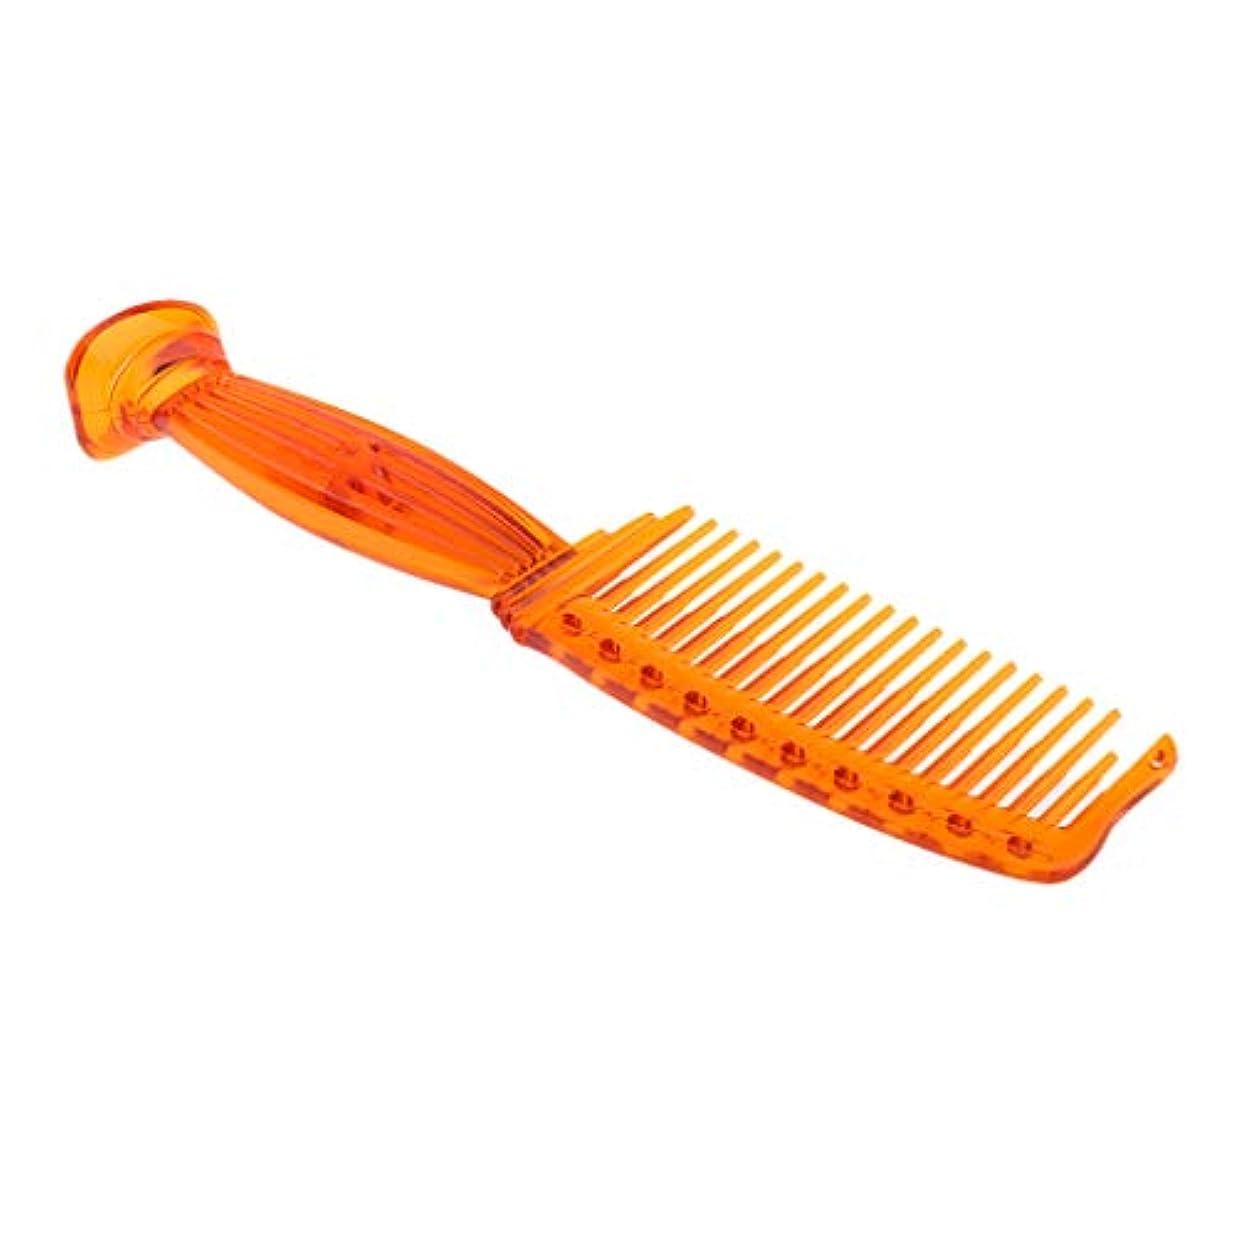 貫入ベース砲兵ヘアコーム ヘアブラシ ワイド歯 プラスチック プロ ヘアサロン 理髪師 全5色選べ - オレンジ